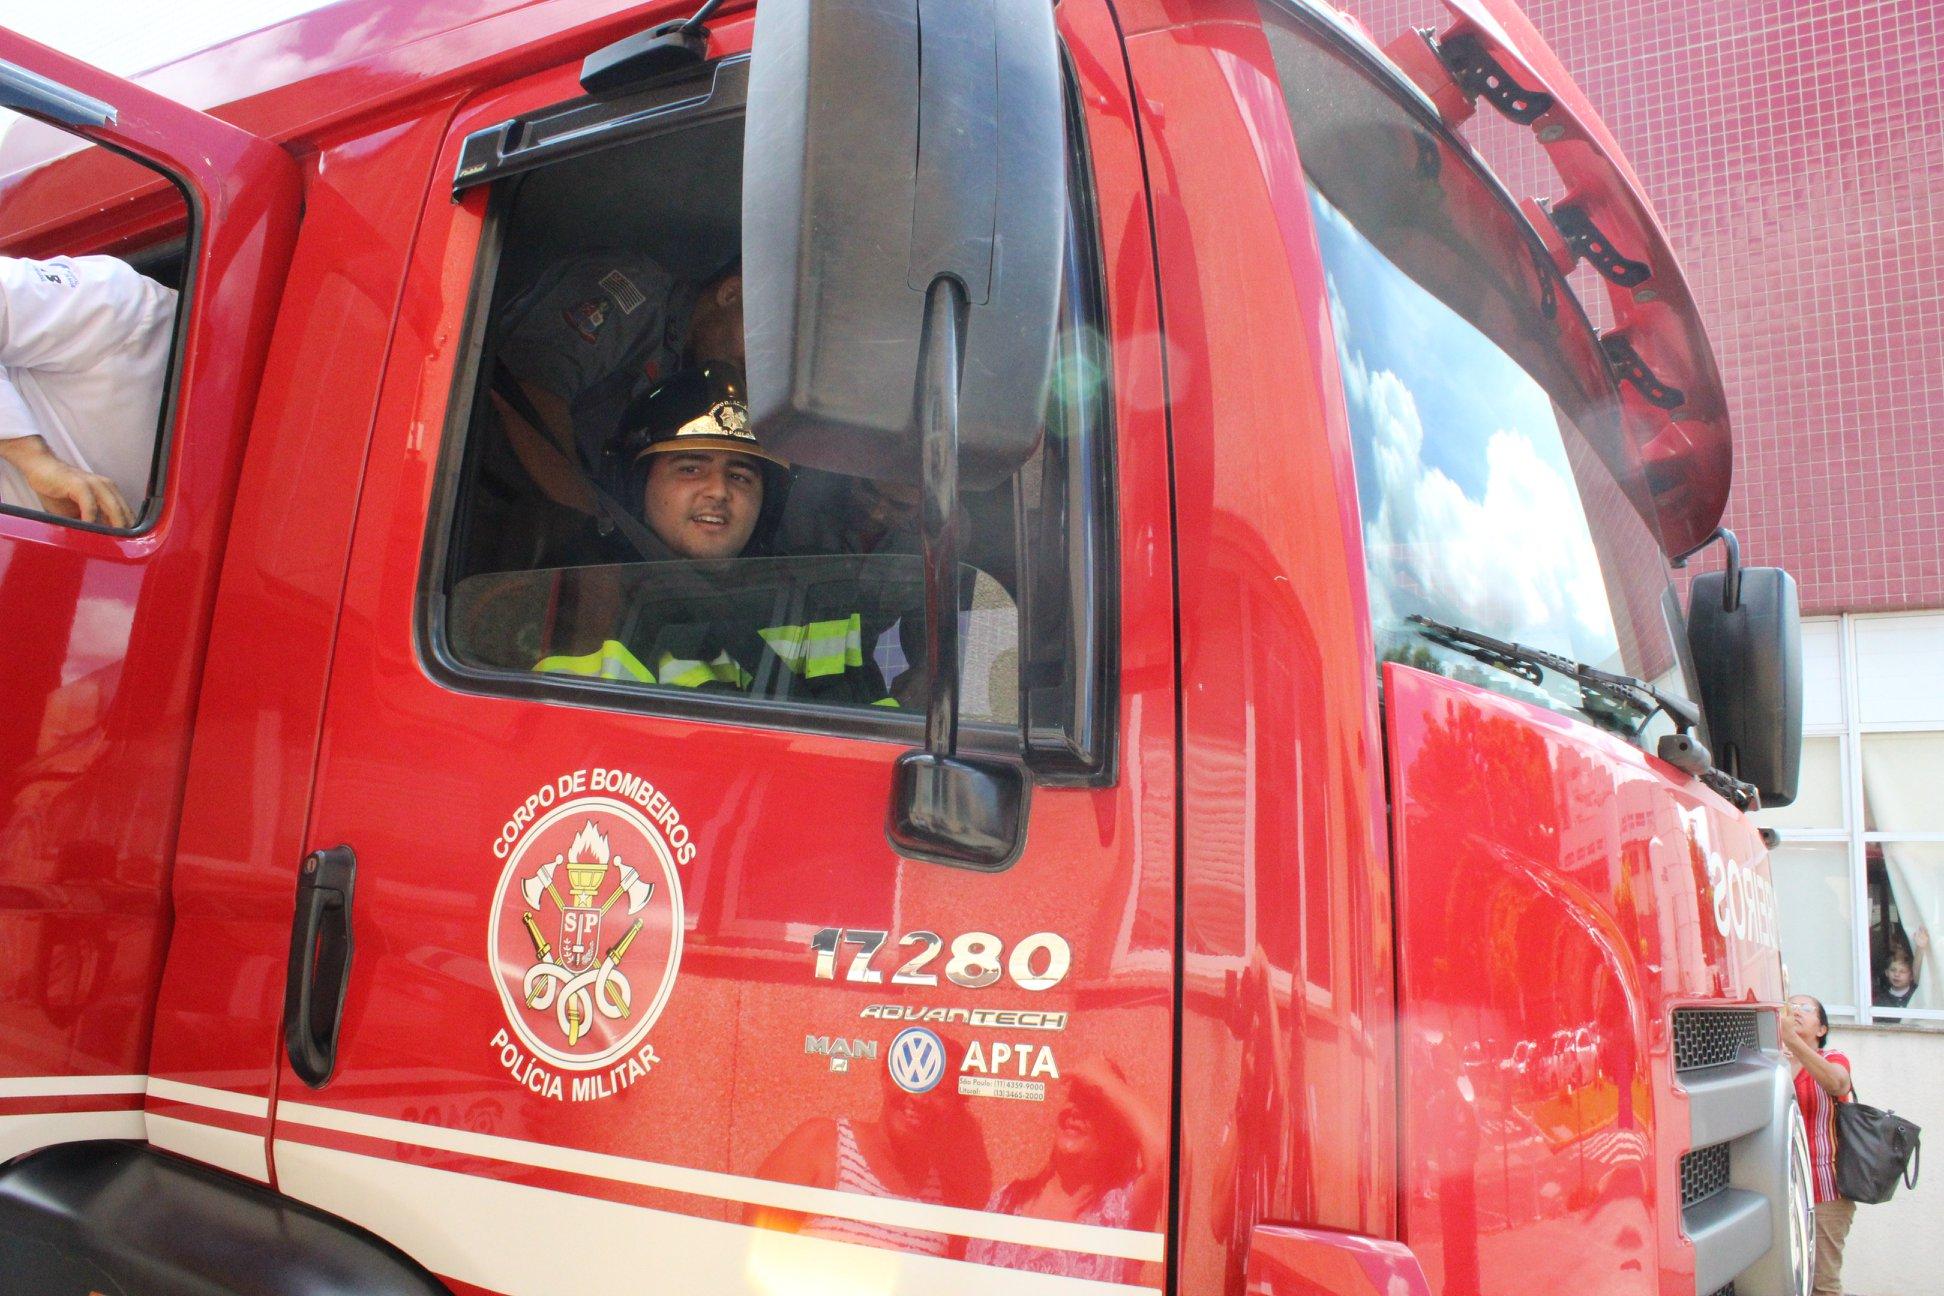 Jovem com tetraparesia que sonha em ser bombeiro tem sonho realizado graças à equipe médica 2